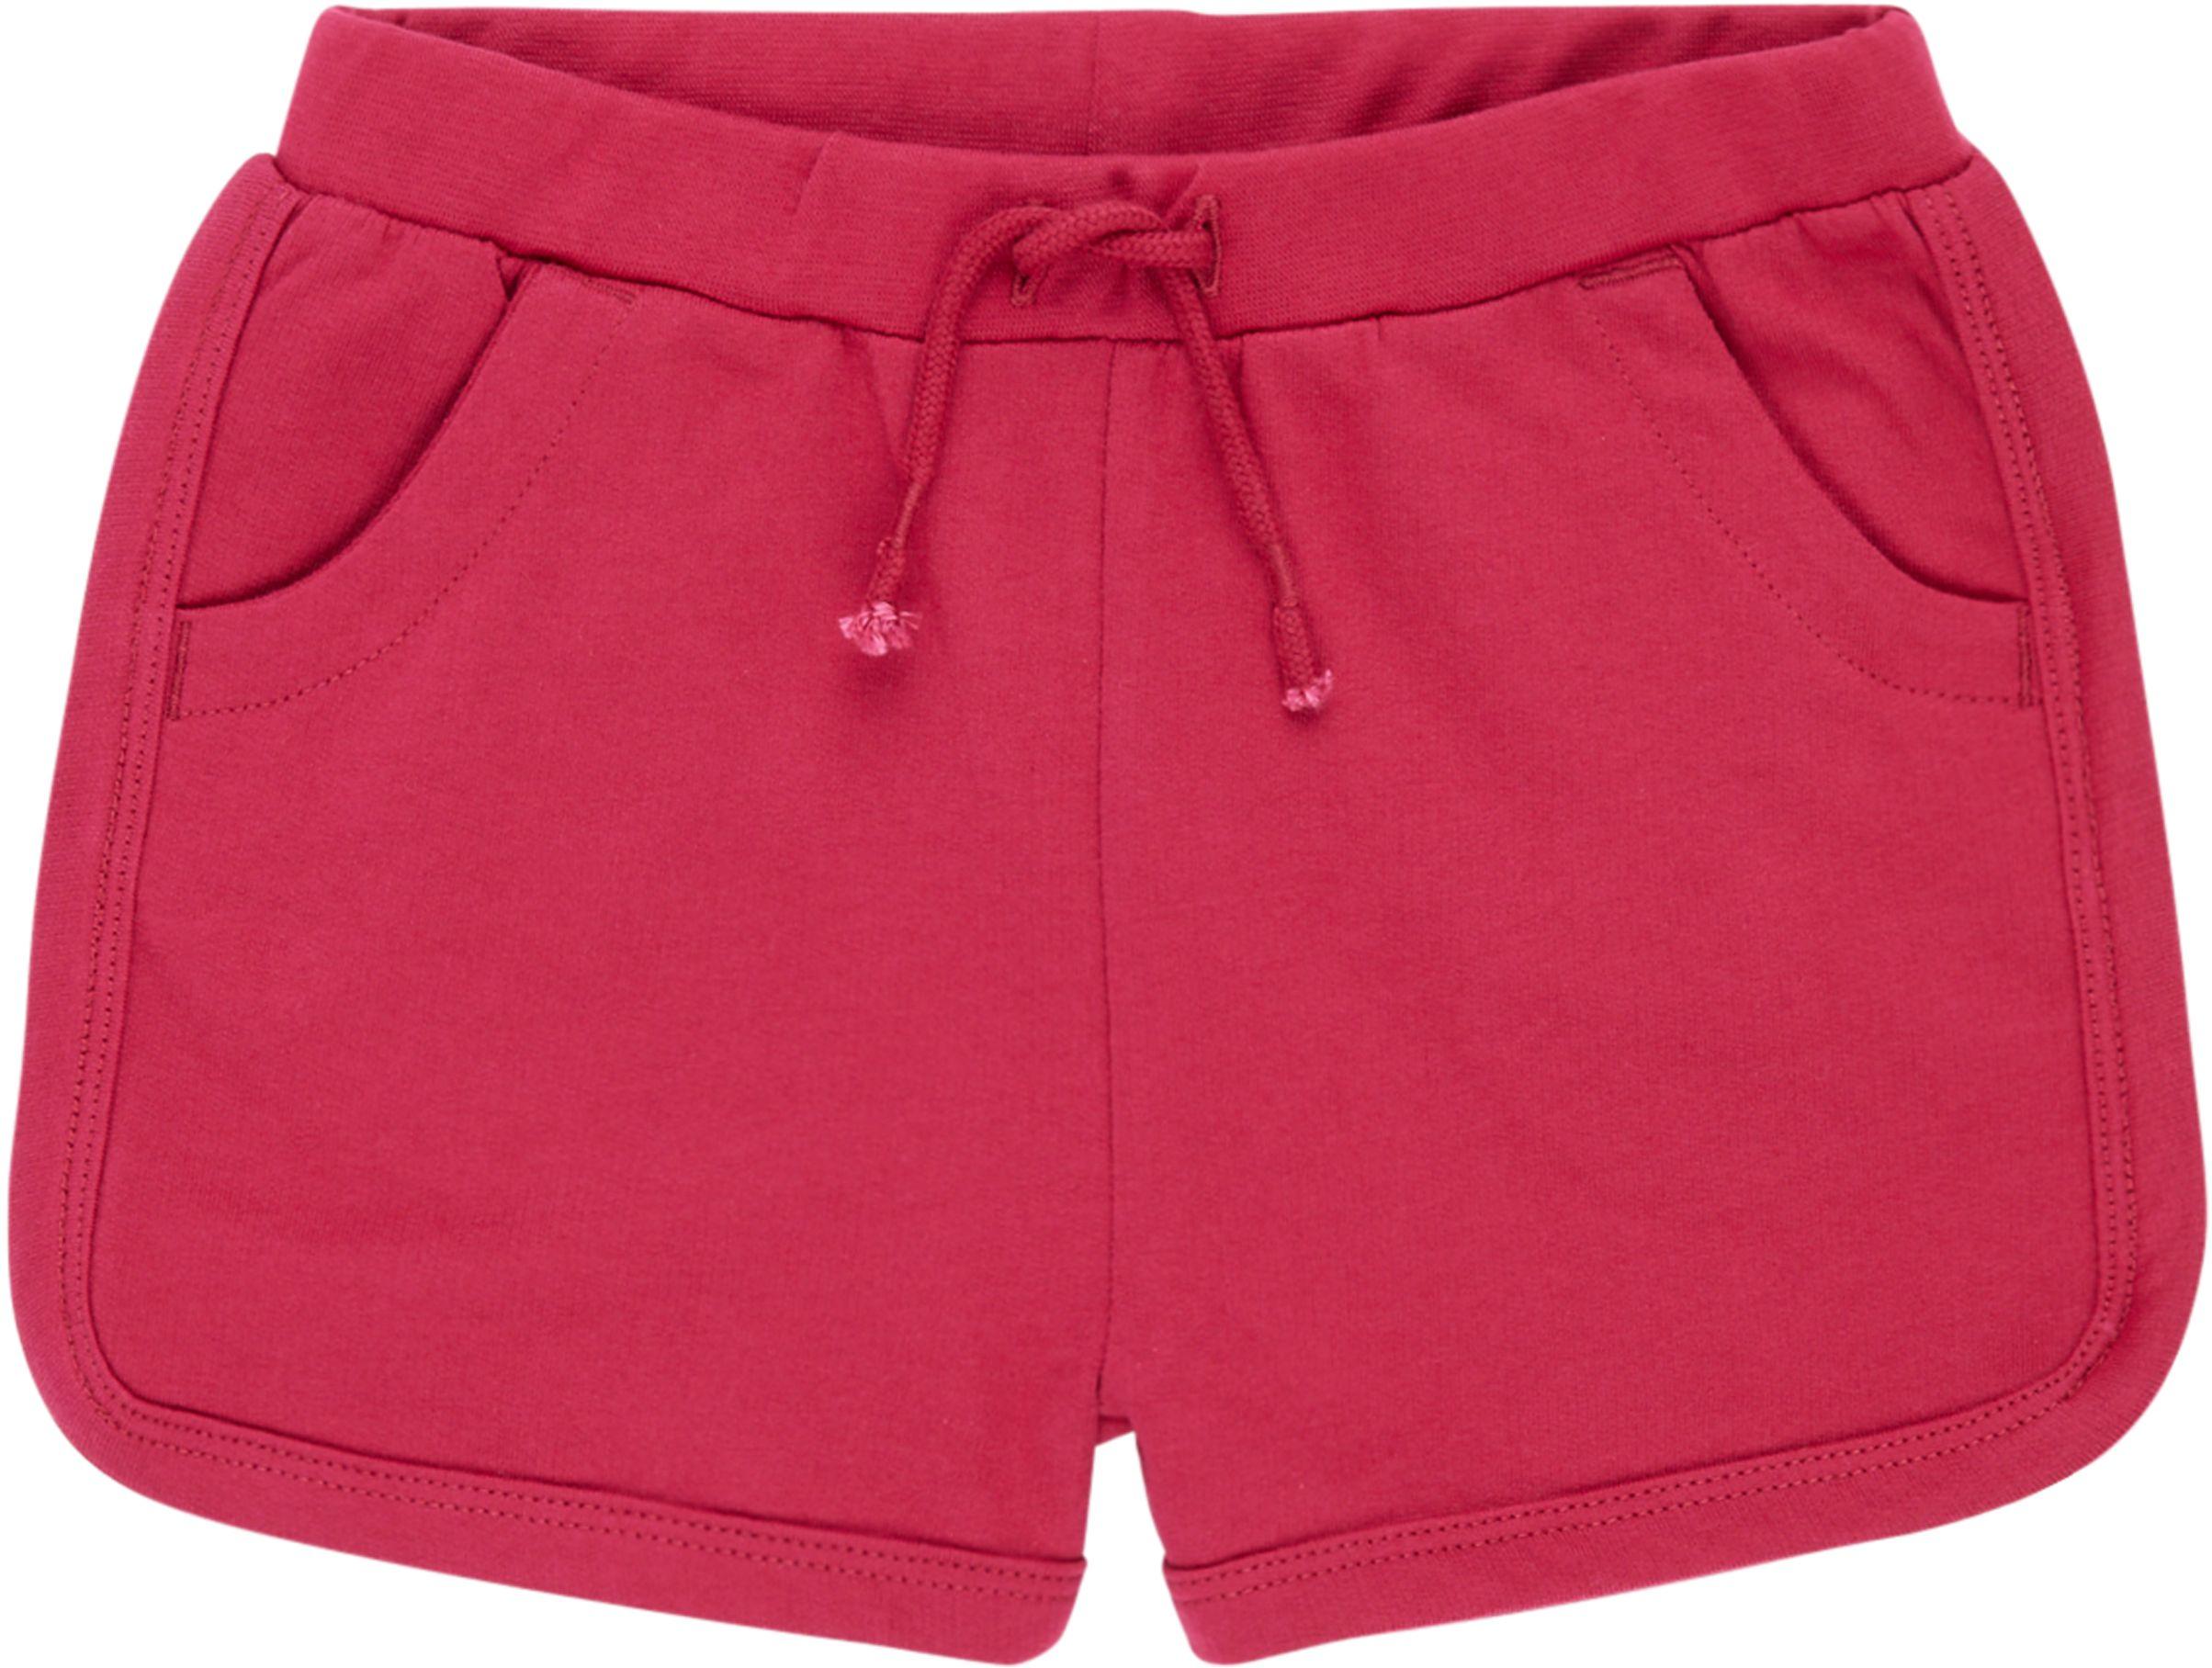 Sense Organic MARLEN Sweat Shorts Pink